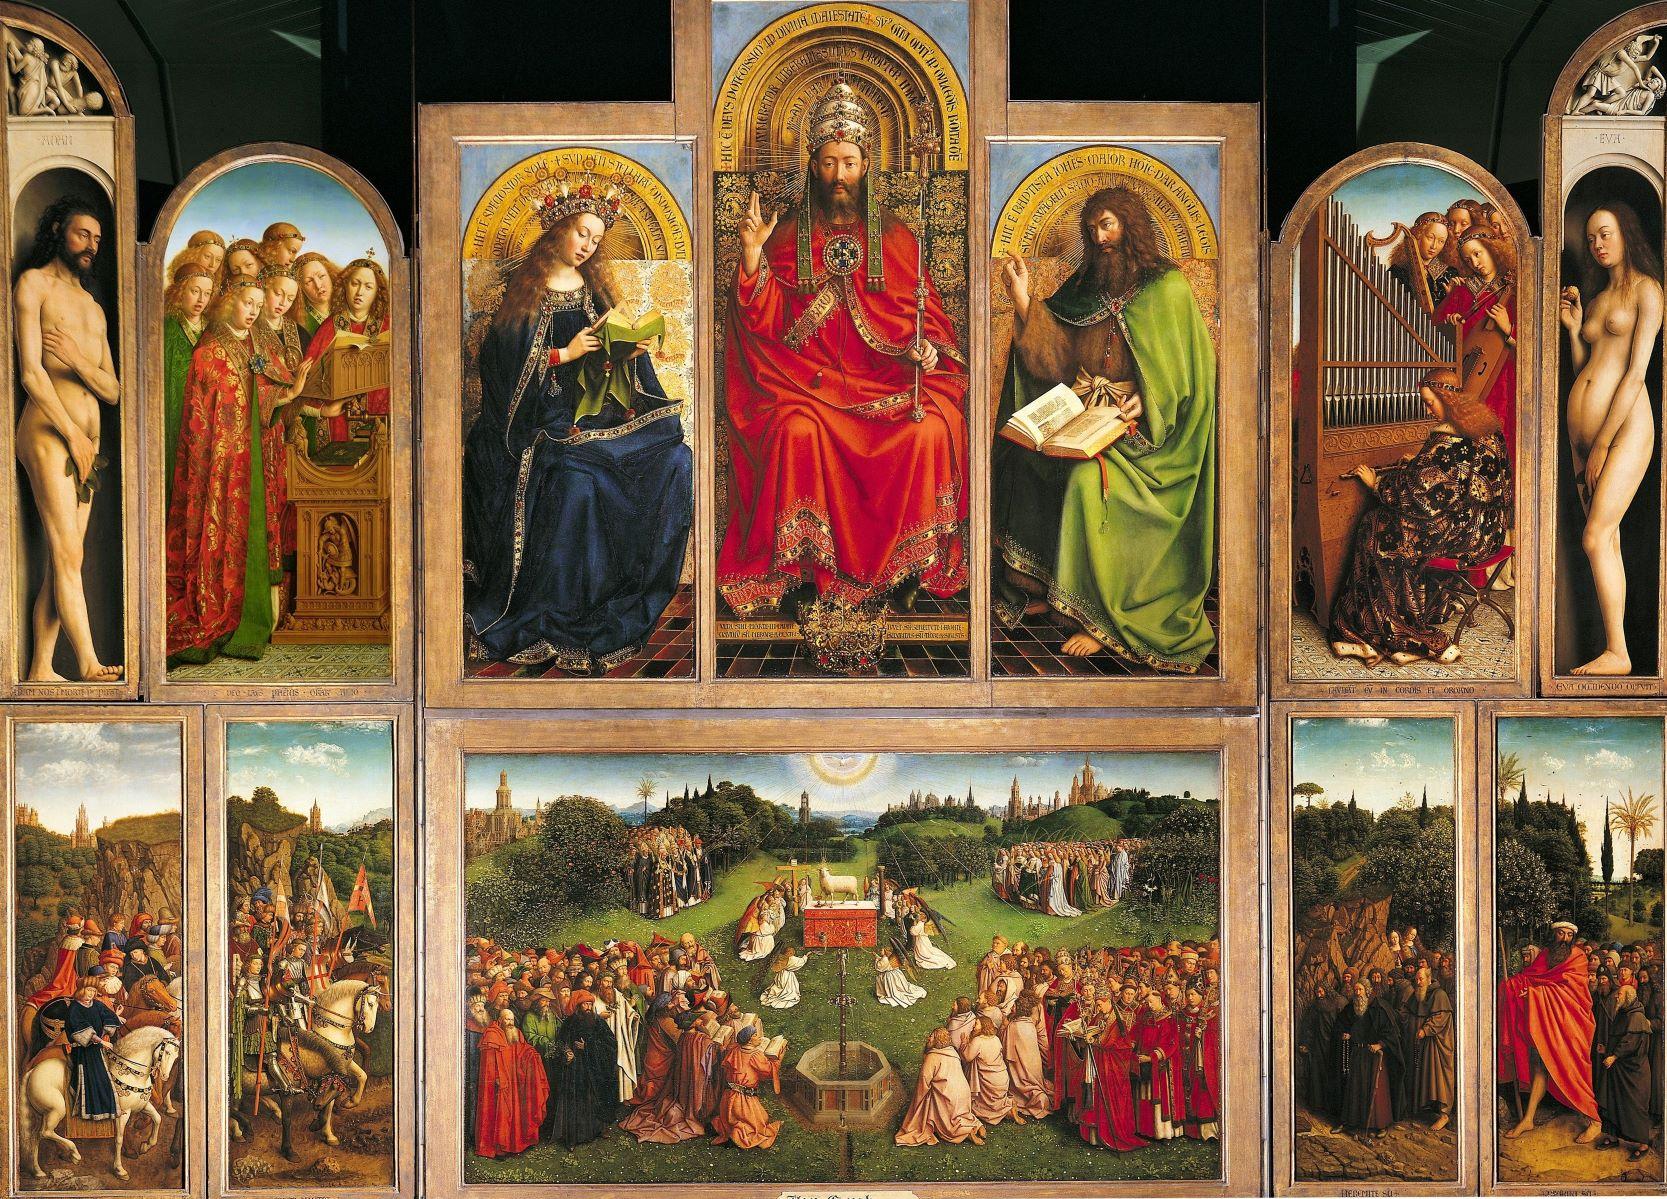 Polittico dell'Agnello Mistico: in esclusiva il documentario di ARTE dedicato al capolavoro dei van Eyck